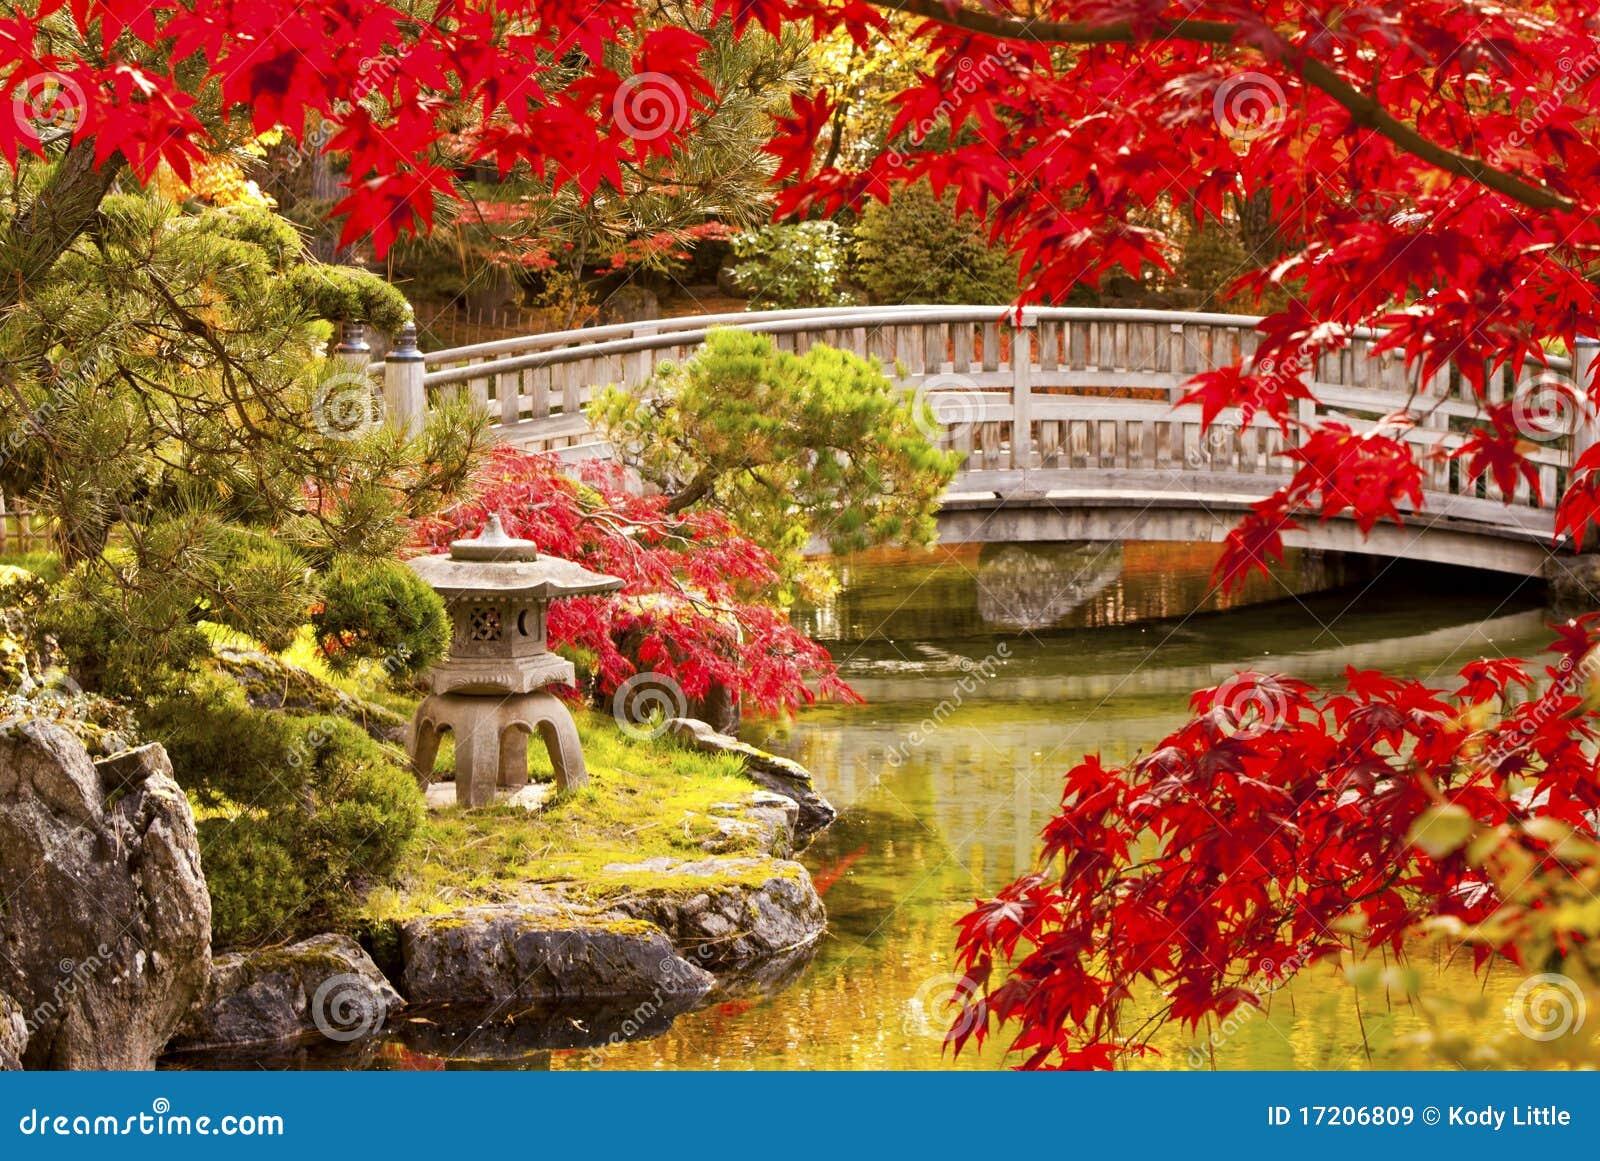 Giardino del giapponese di autunno immagini stock libere - Piccolo giardino giapponese ...